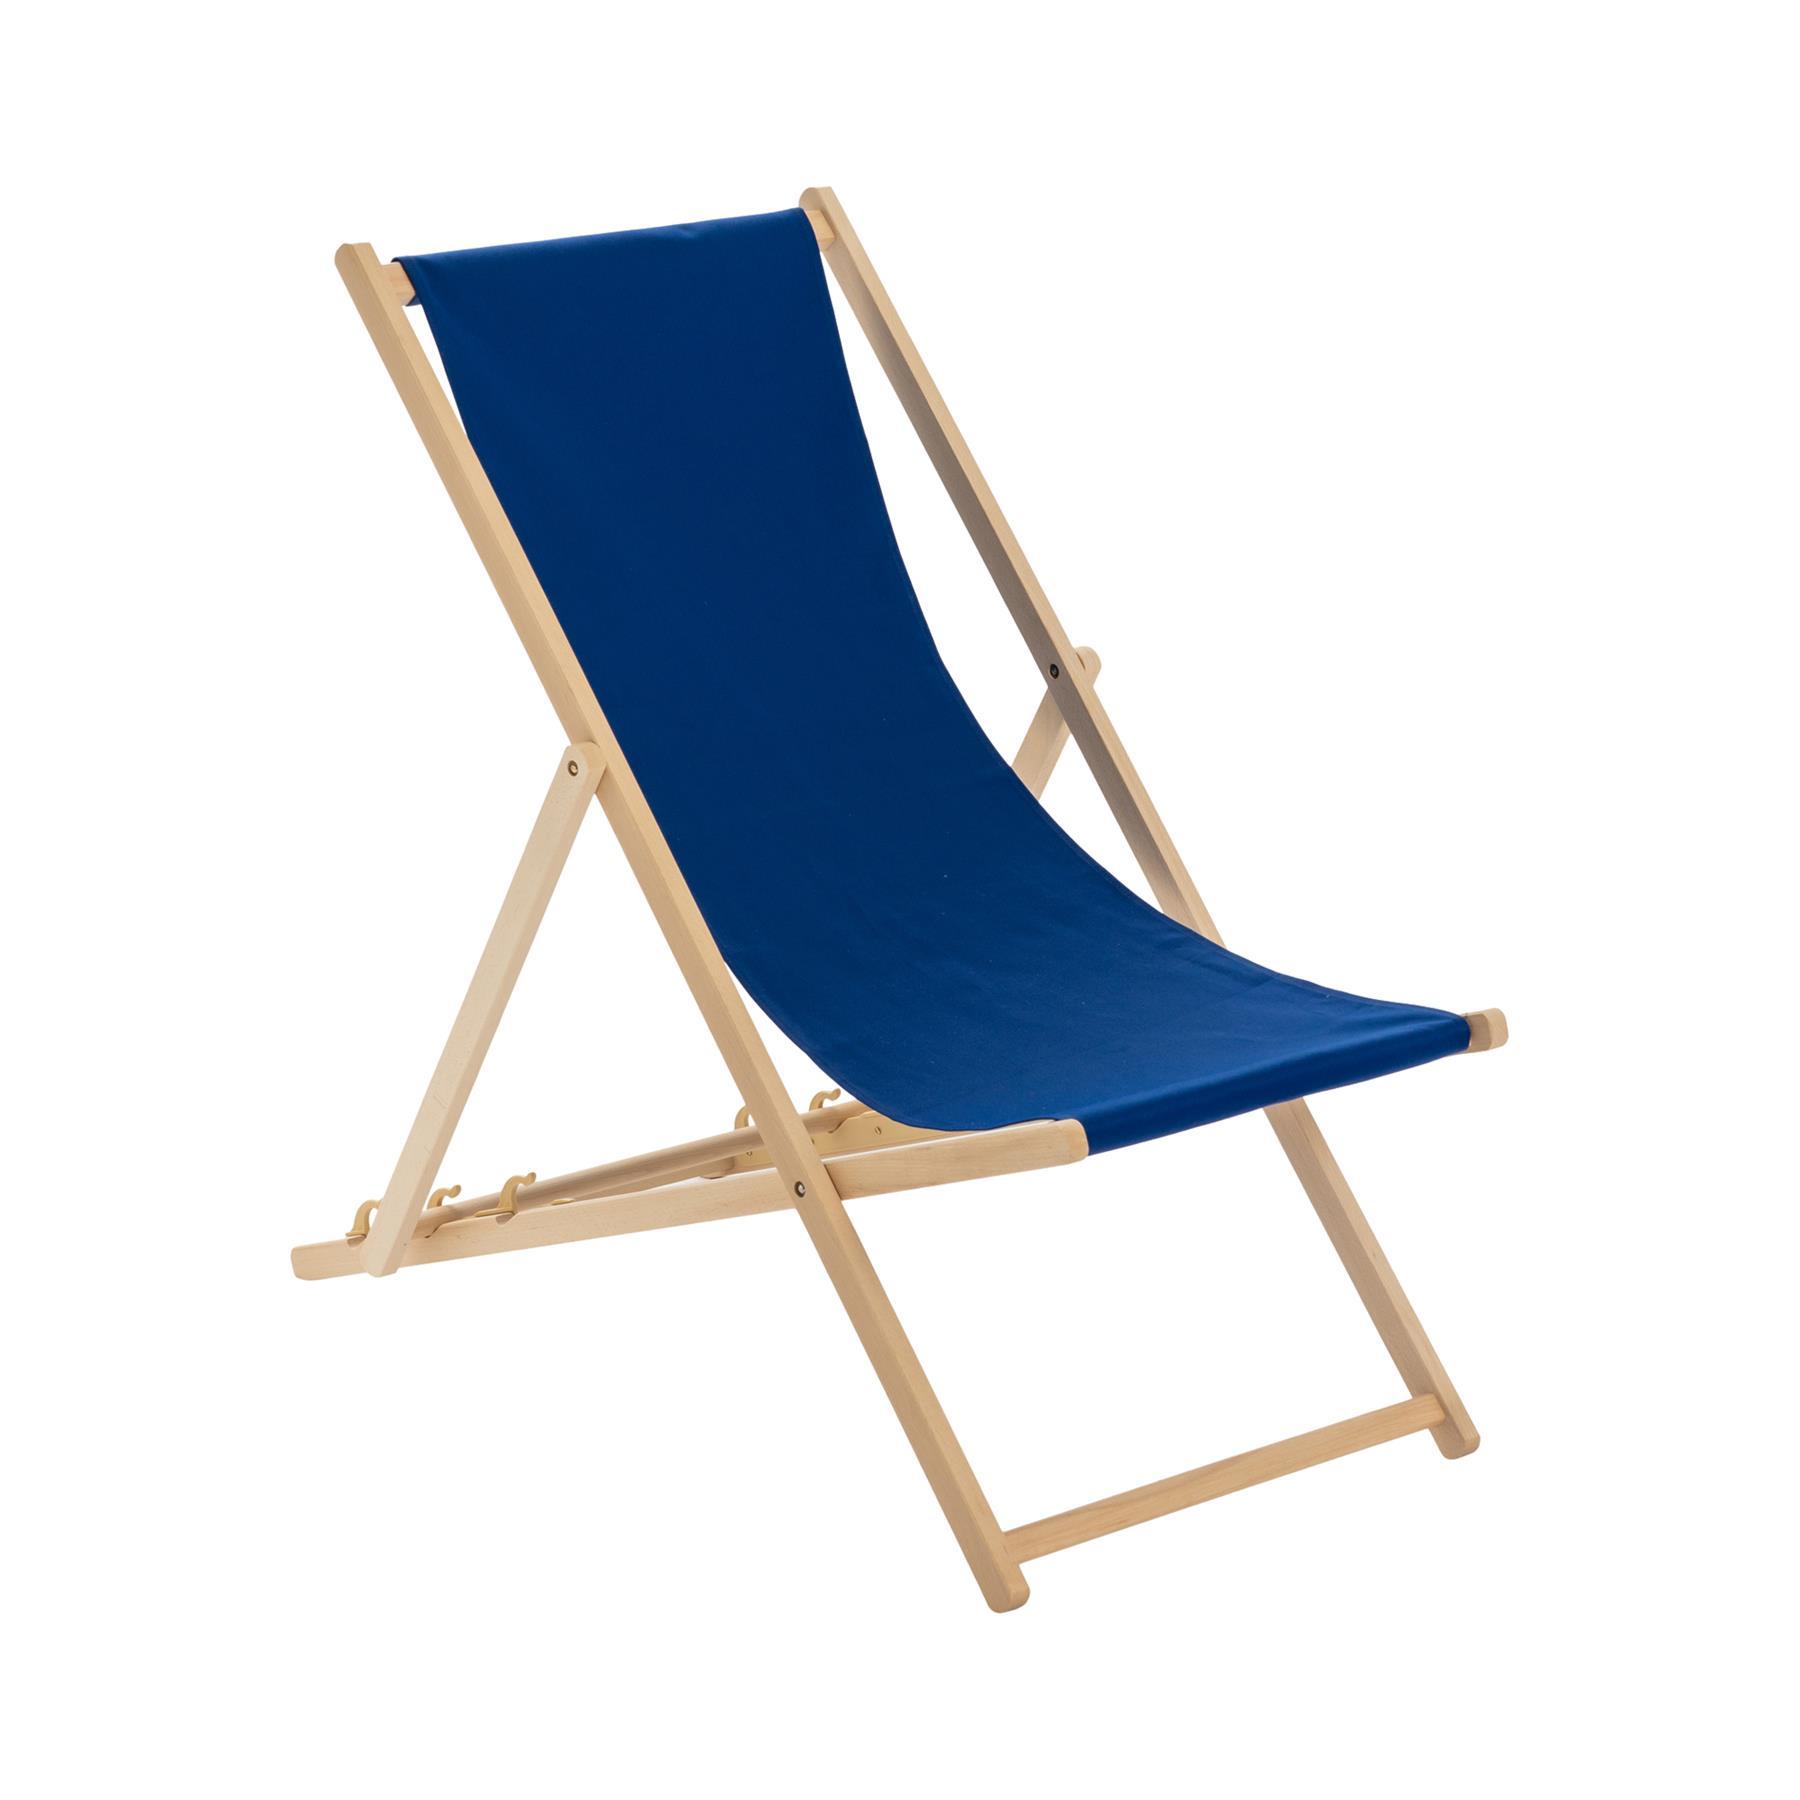 Détails sur Traditionnelle pliante Chaise longue en bois Jardin Plage Mer Pont Chaise Bleu